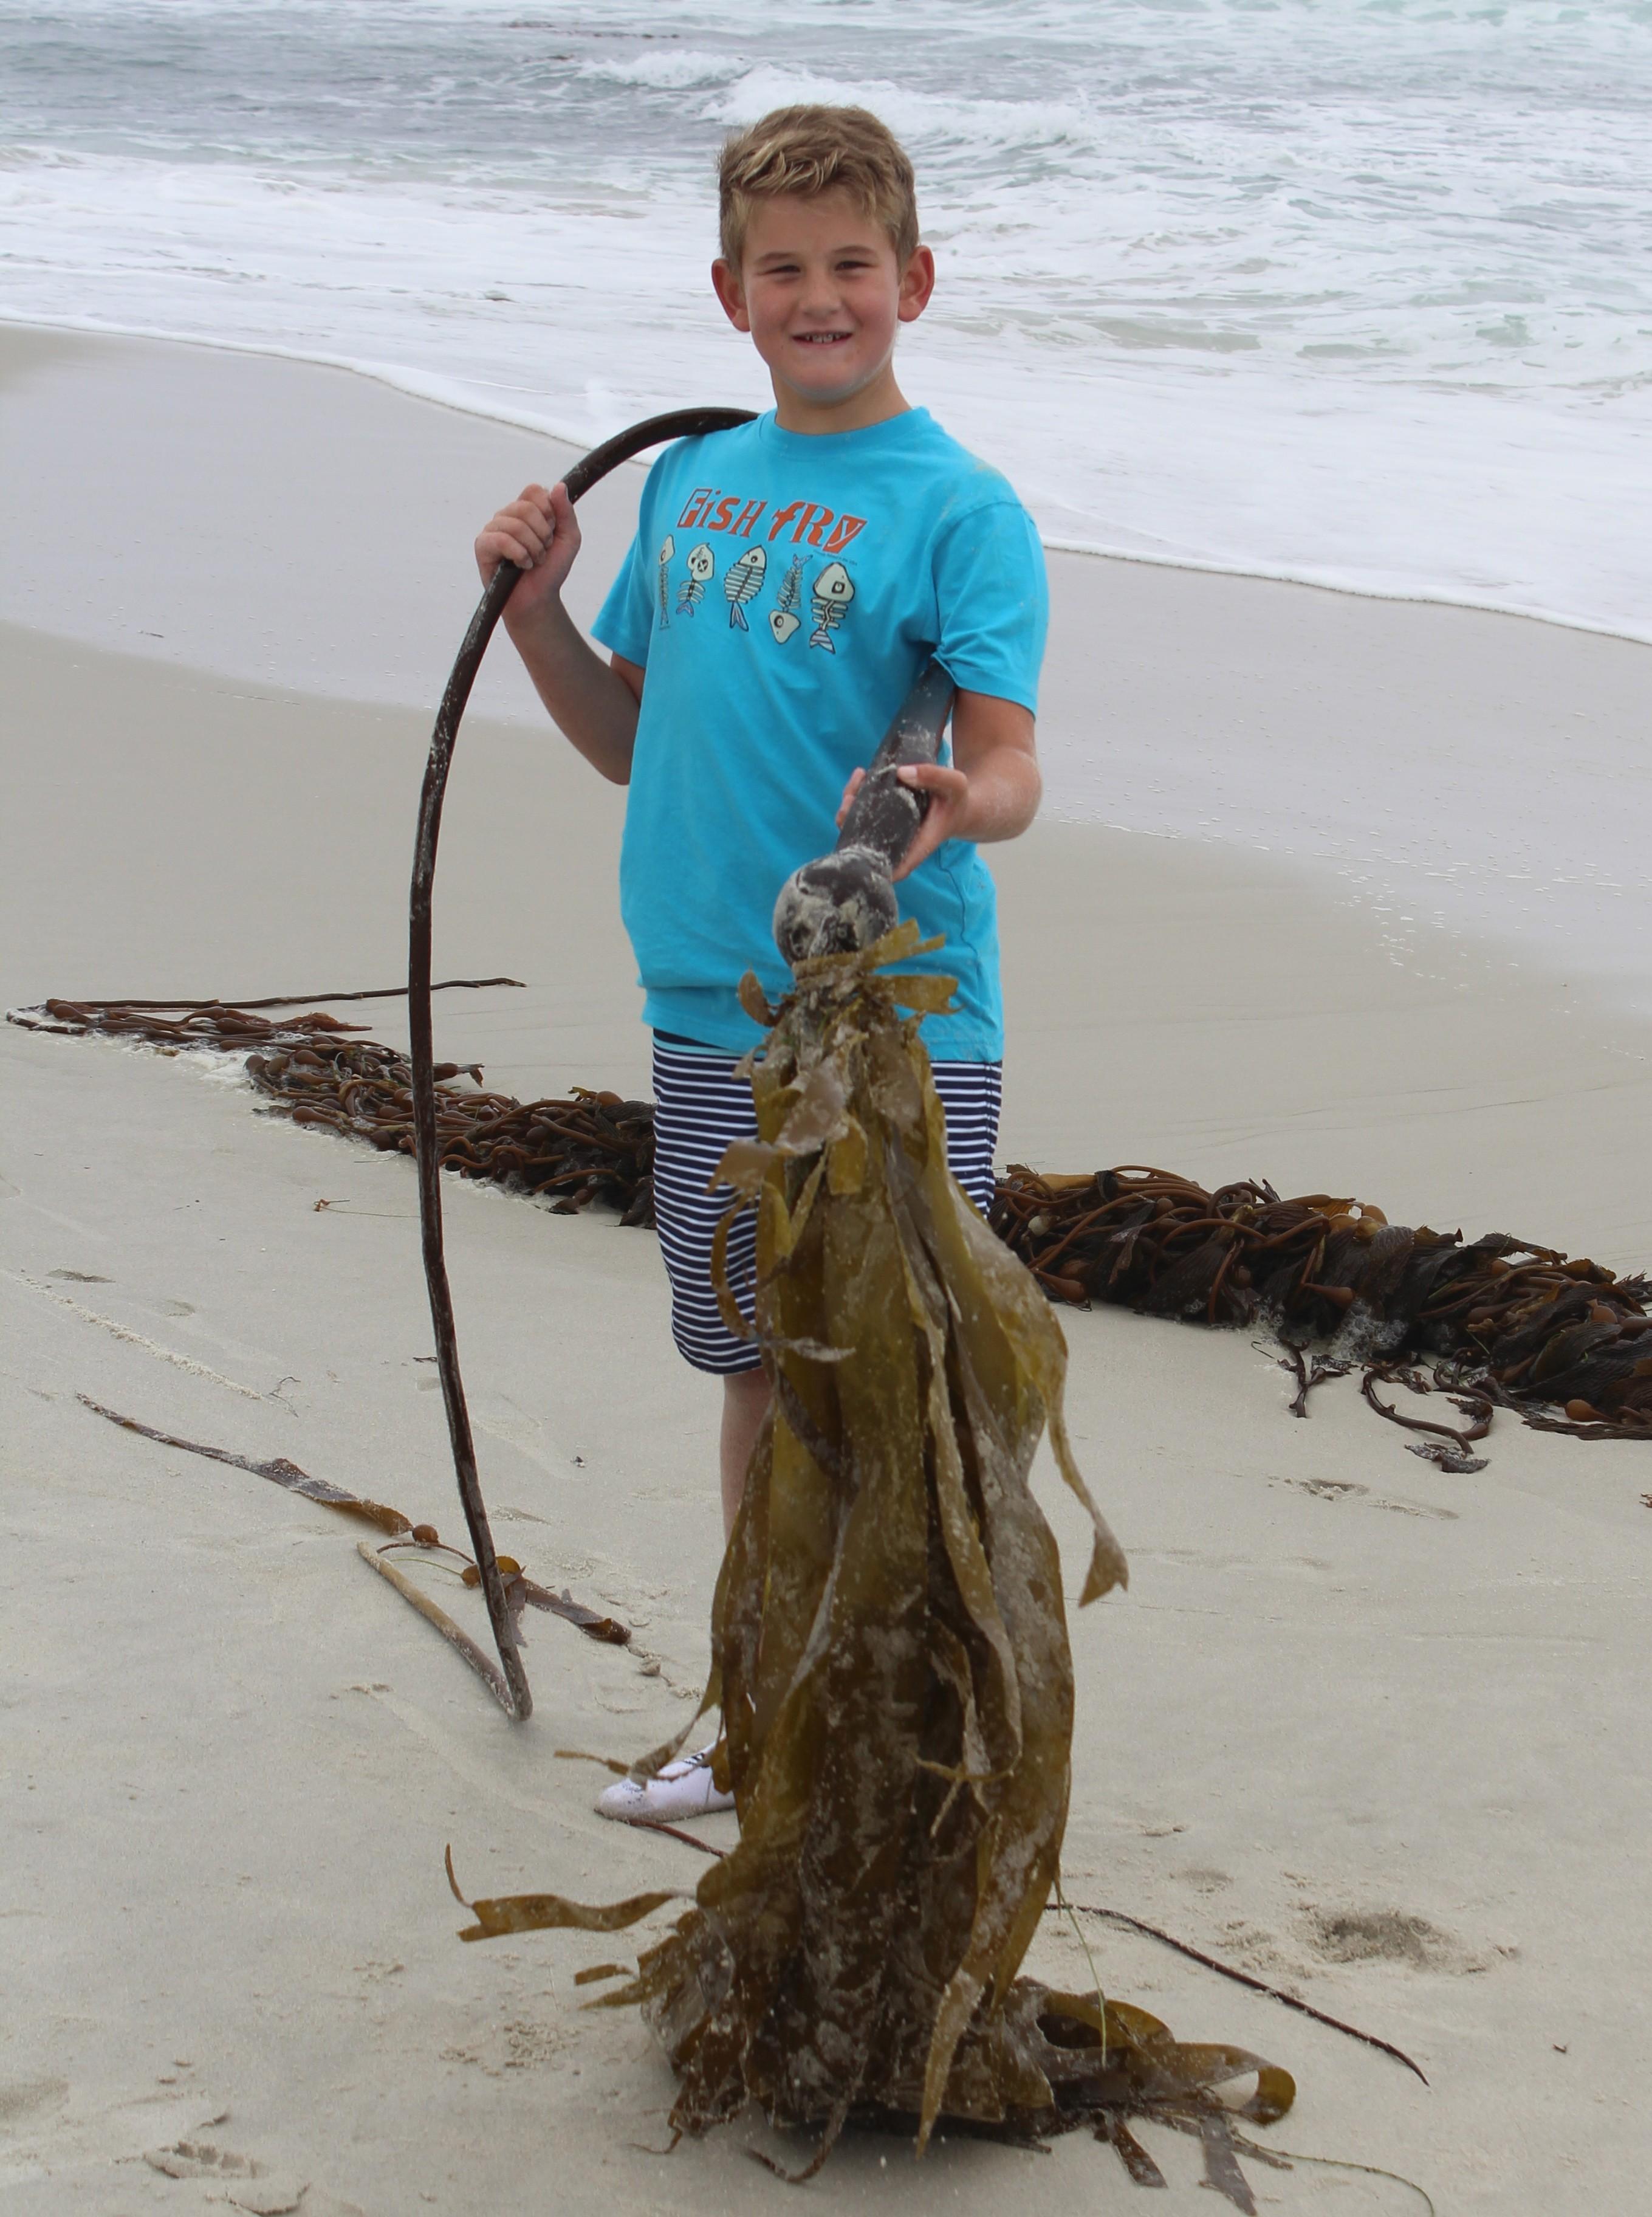 Camper holding kelp